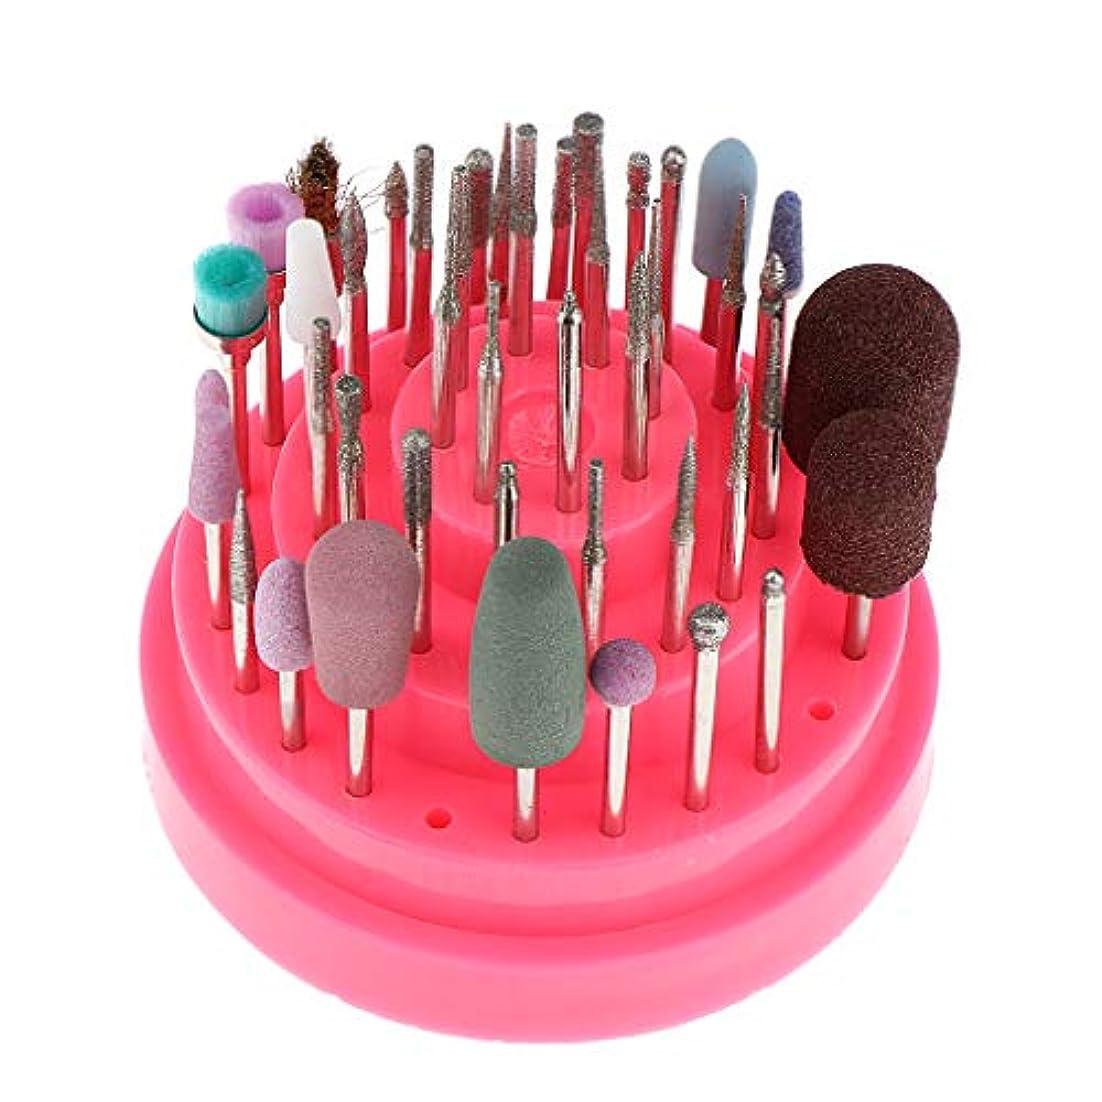 銀すべき手のひらネイル研削ヘッド ネイルドリルビットセット ネイルアートツール ネイル道具 全2色 - ピンク